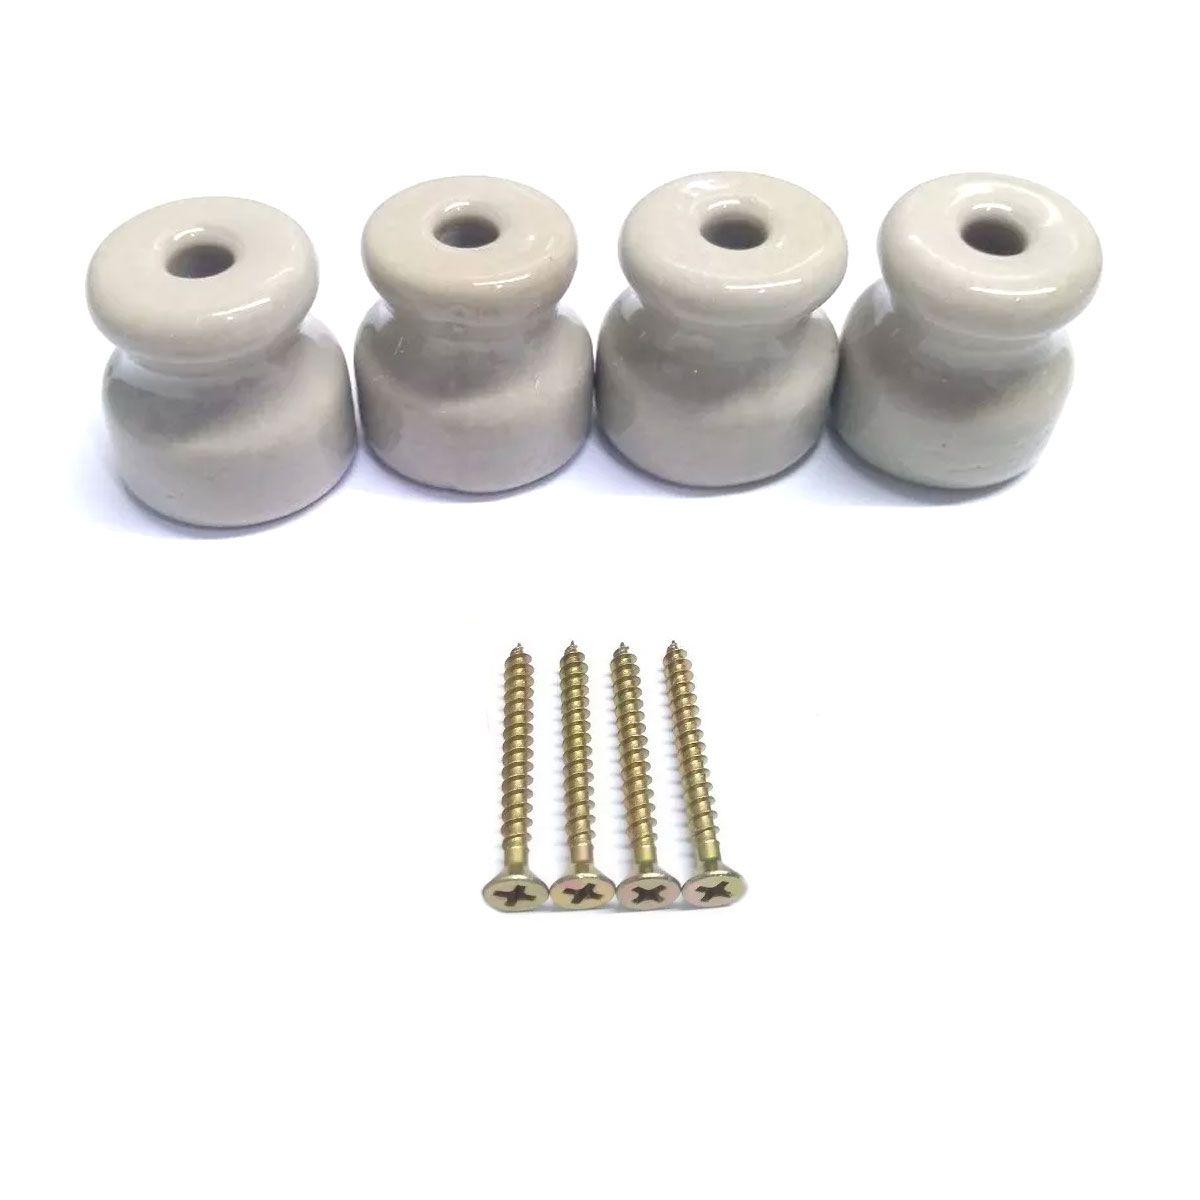 4x Isolador de Porcelana com Parafusos para Chocadeira / Estufa / Criadeira